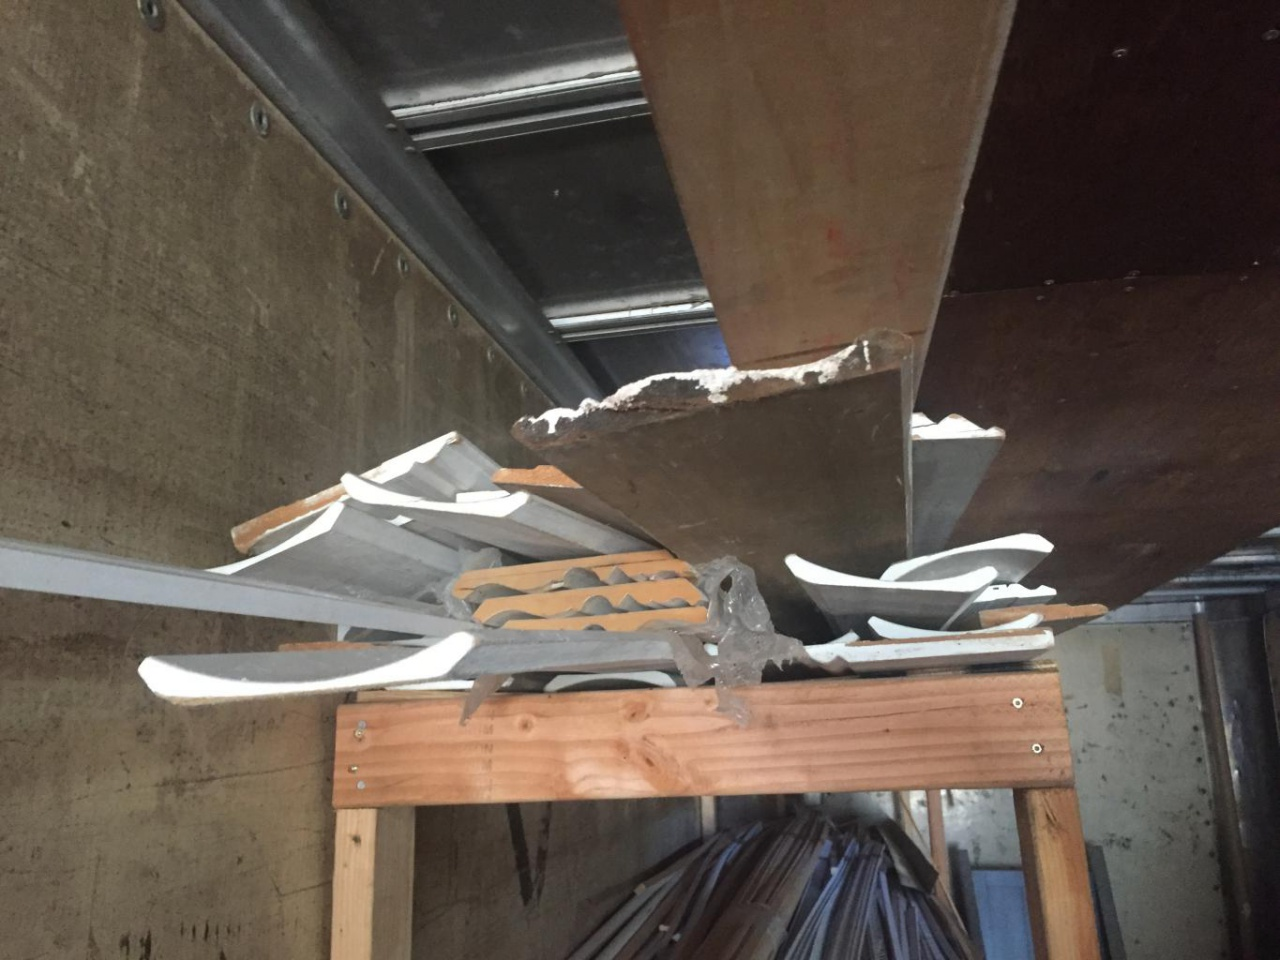 Building materials 50% off-c3b28f99-2fbb-464a-b9a4-d49a6b275f0e_1508876646851-jpg